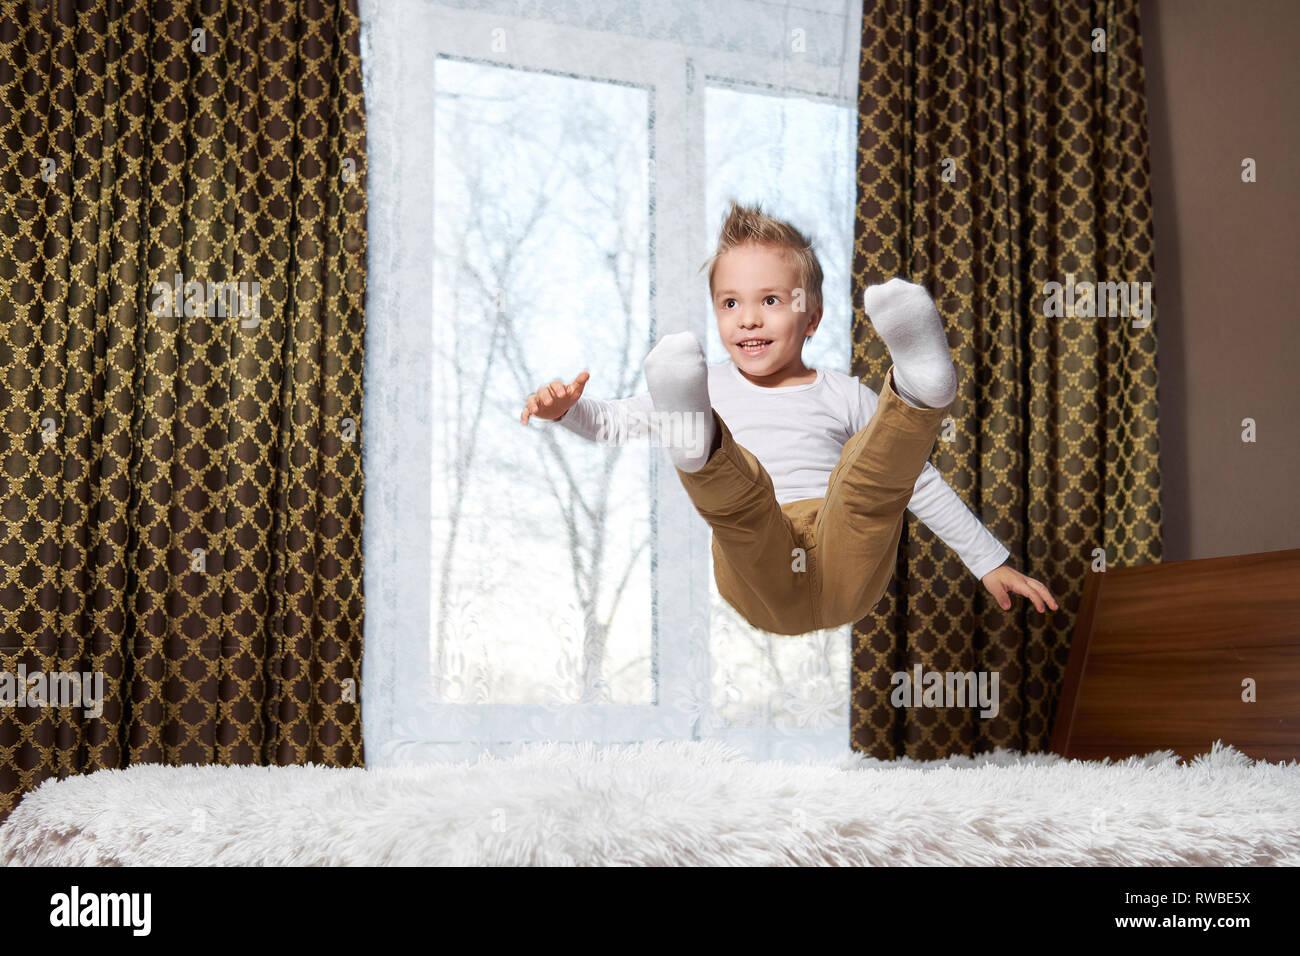 Niño fun home. Niño alegre en movimiento saltando riendo en la cama. Niño de 6 años felizmente juega por la mañana en la sala. Foto de stock